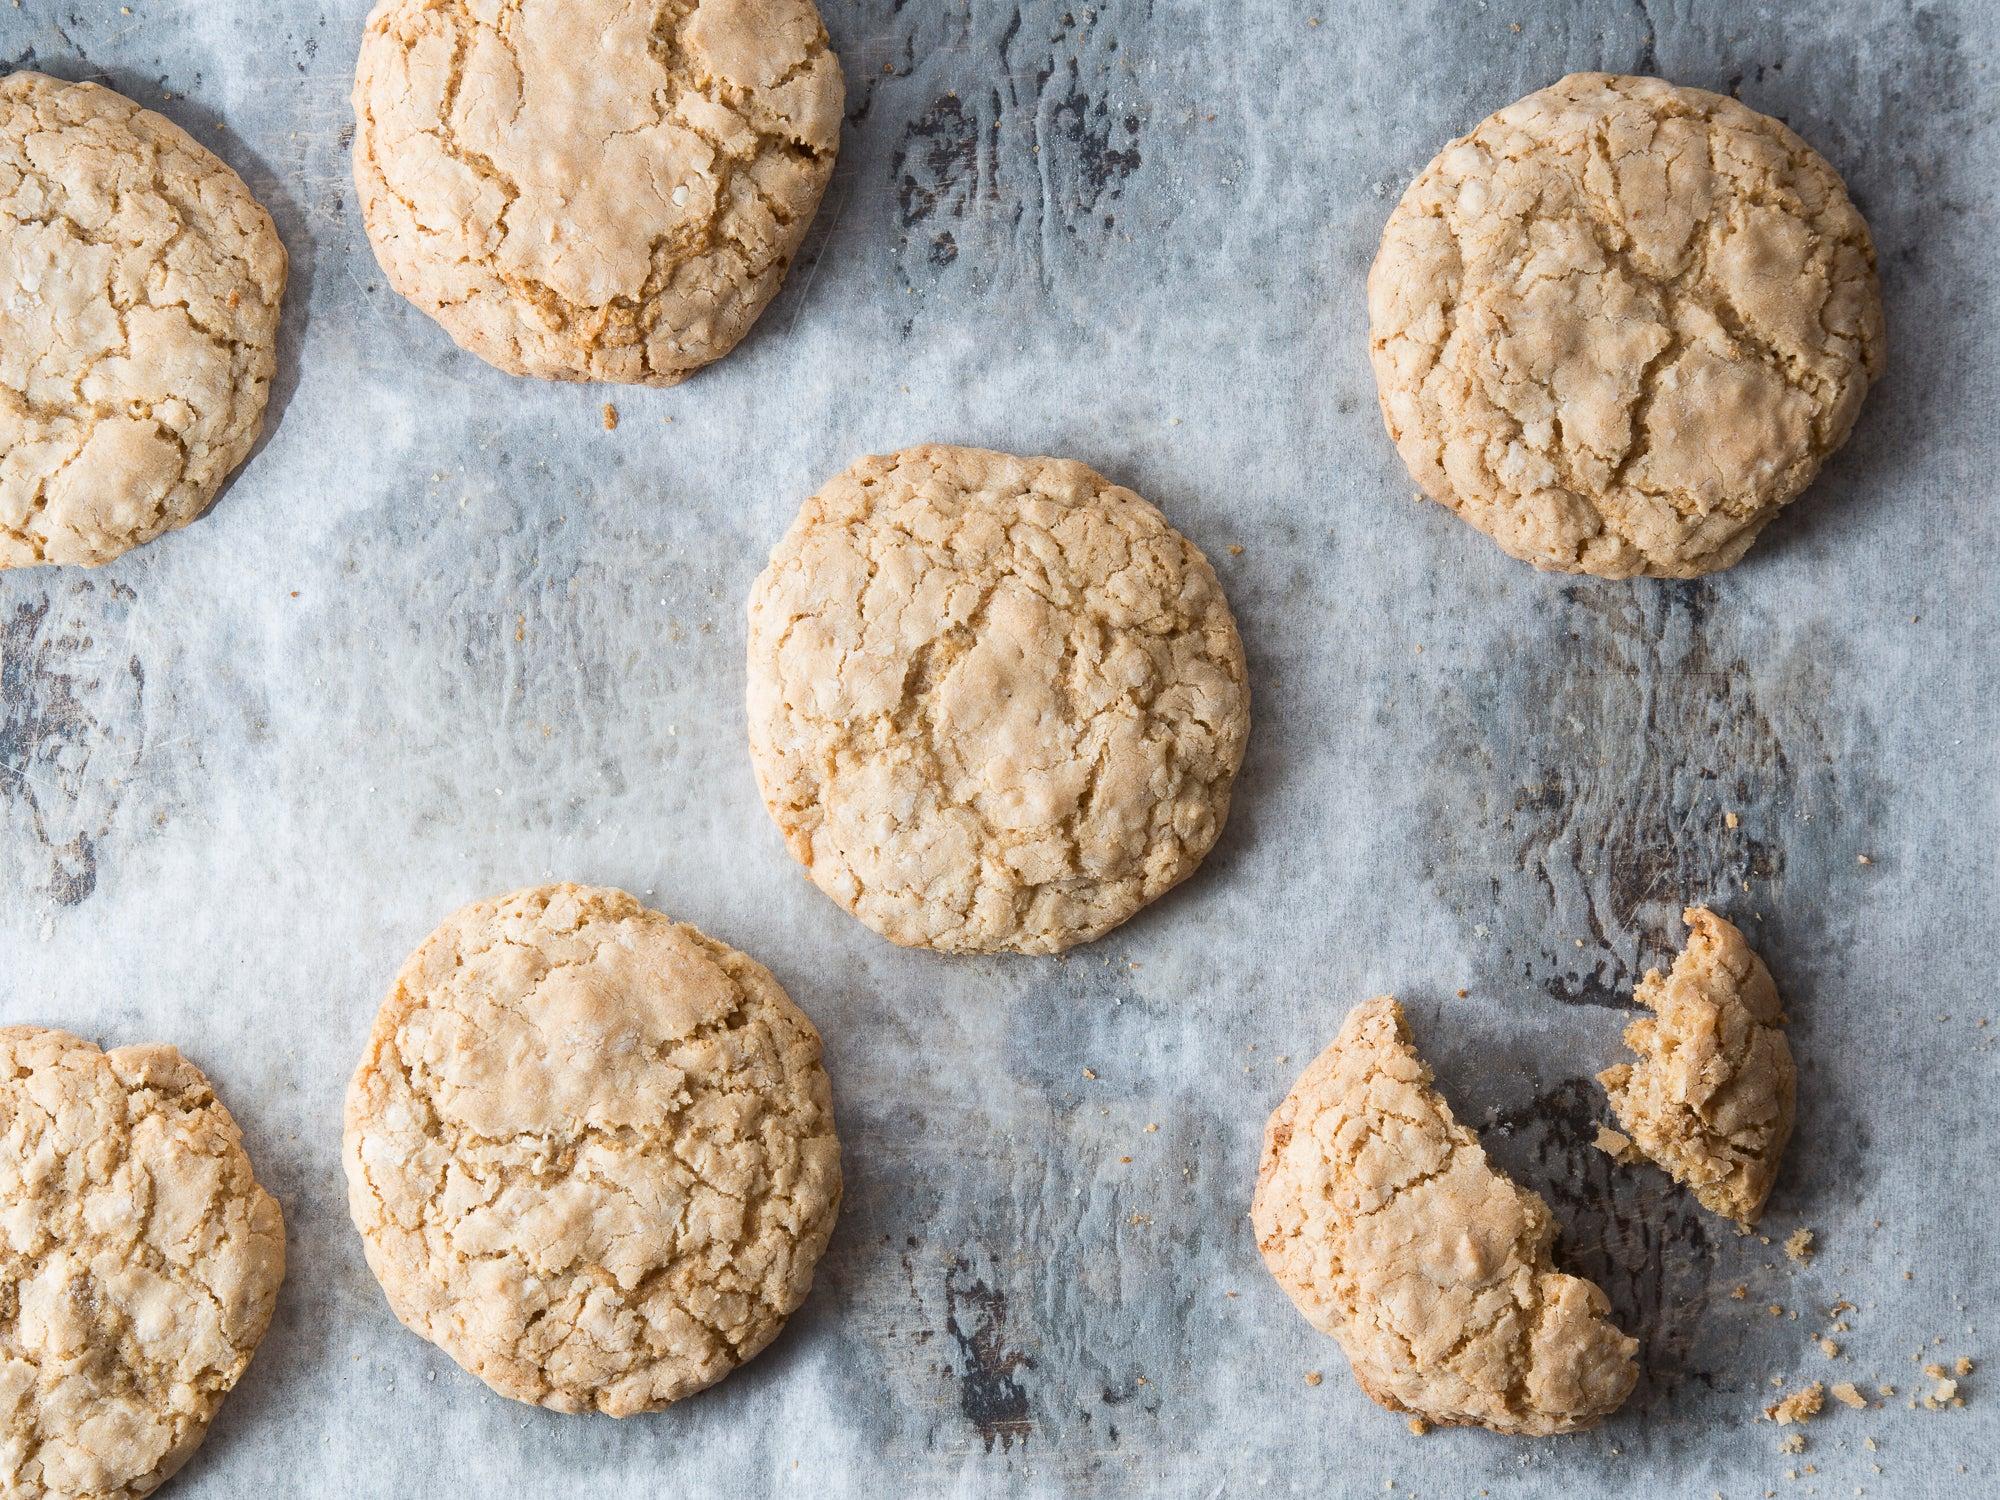 Christina Tosi's Oatmeal Cookies